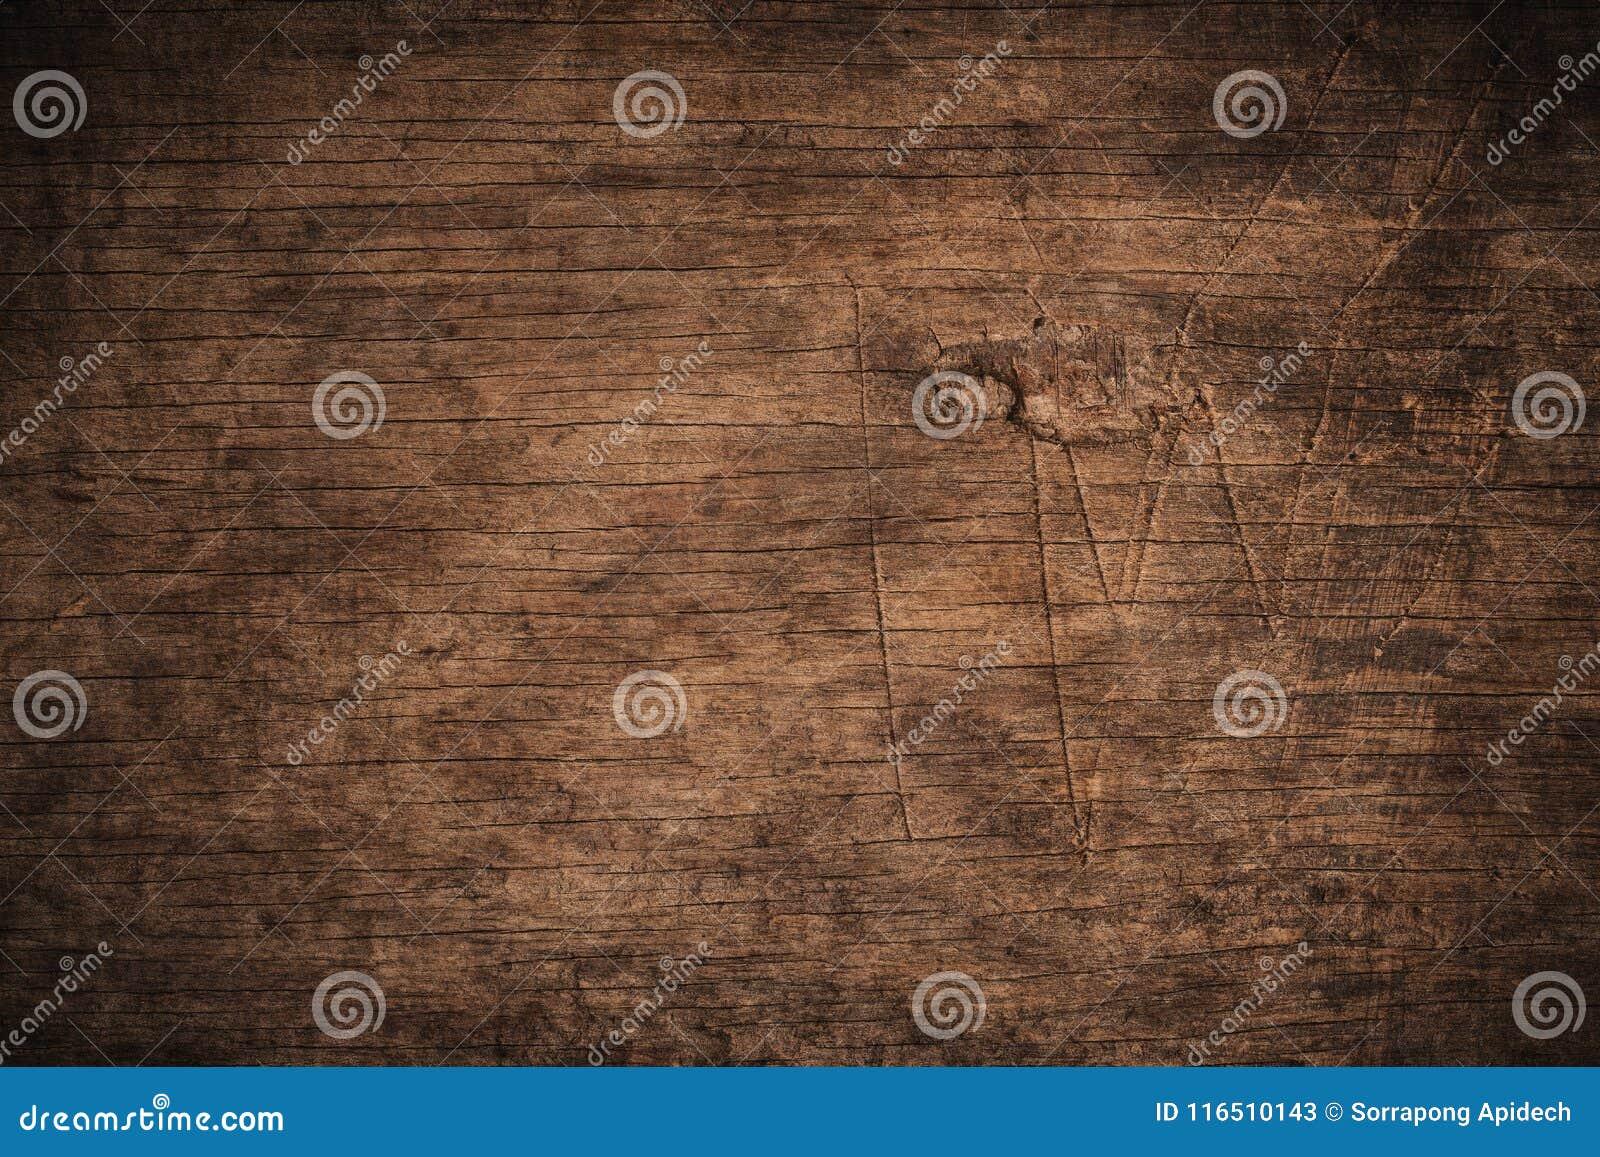 La vieja oscuridad del grunge texturizó el fondo de madera, la superficie de la vieja textura de madera marrón, revestimiento de